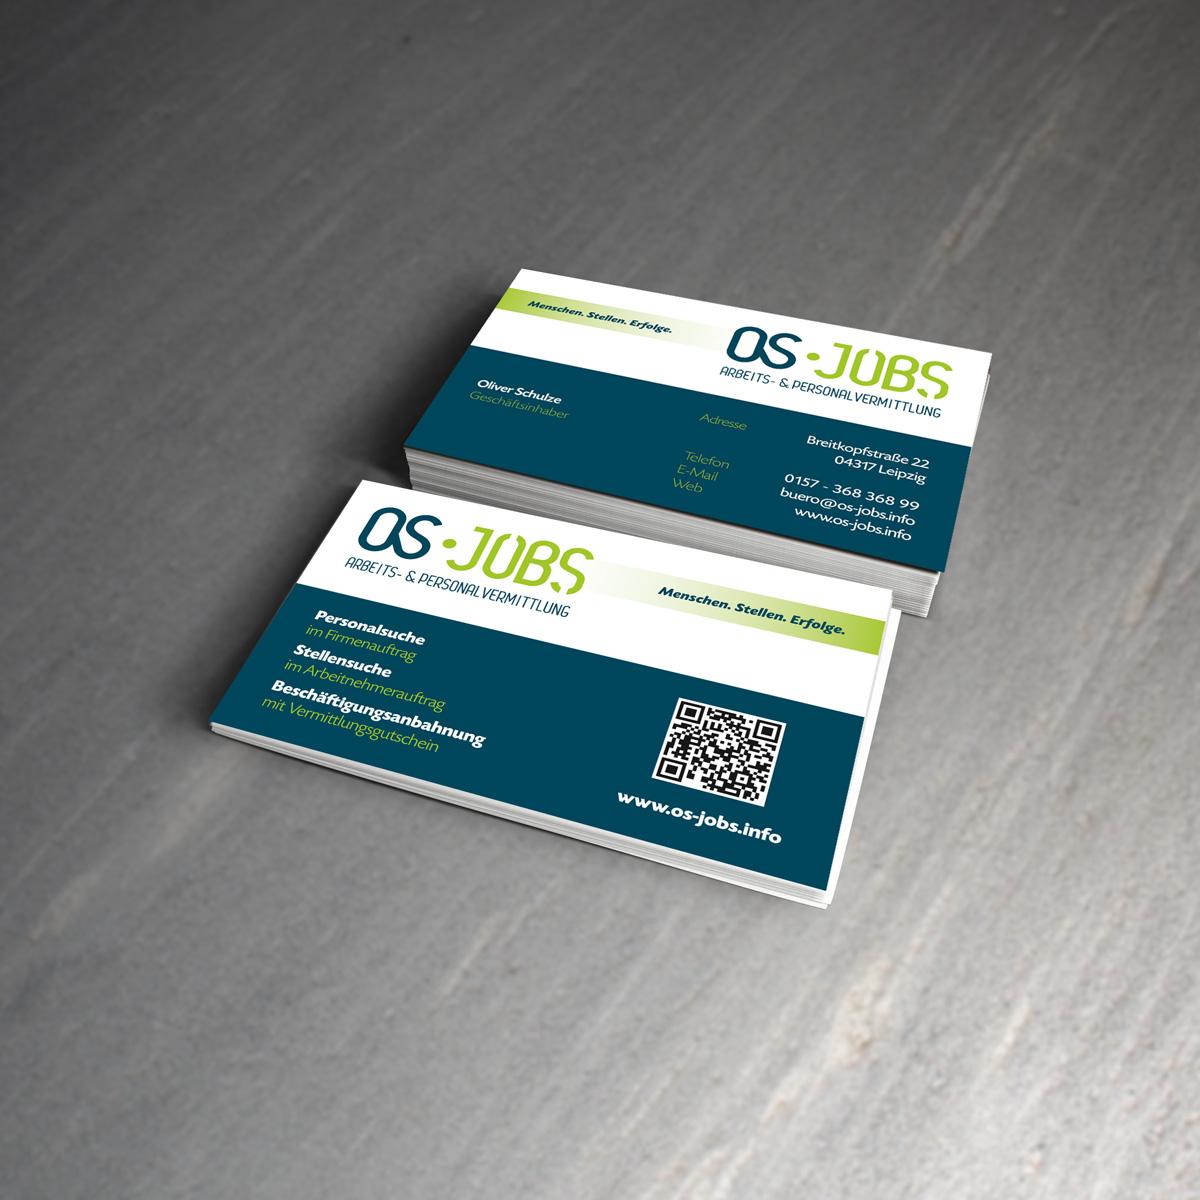 os-jobs_visitenkarten